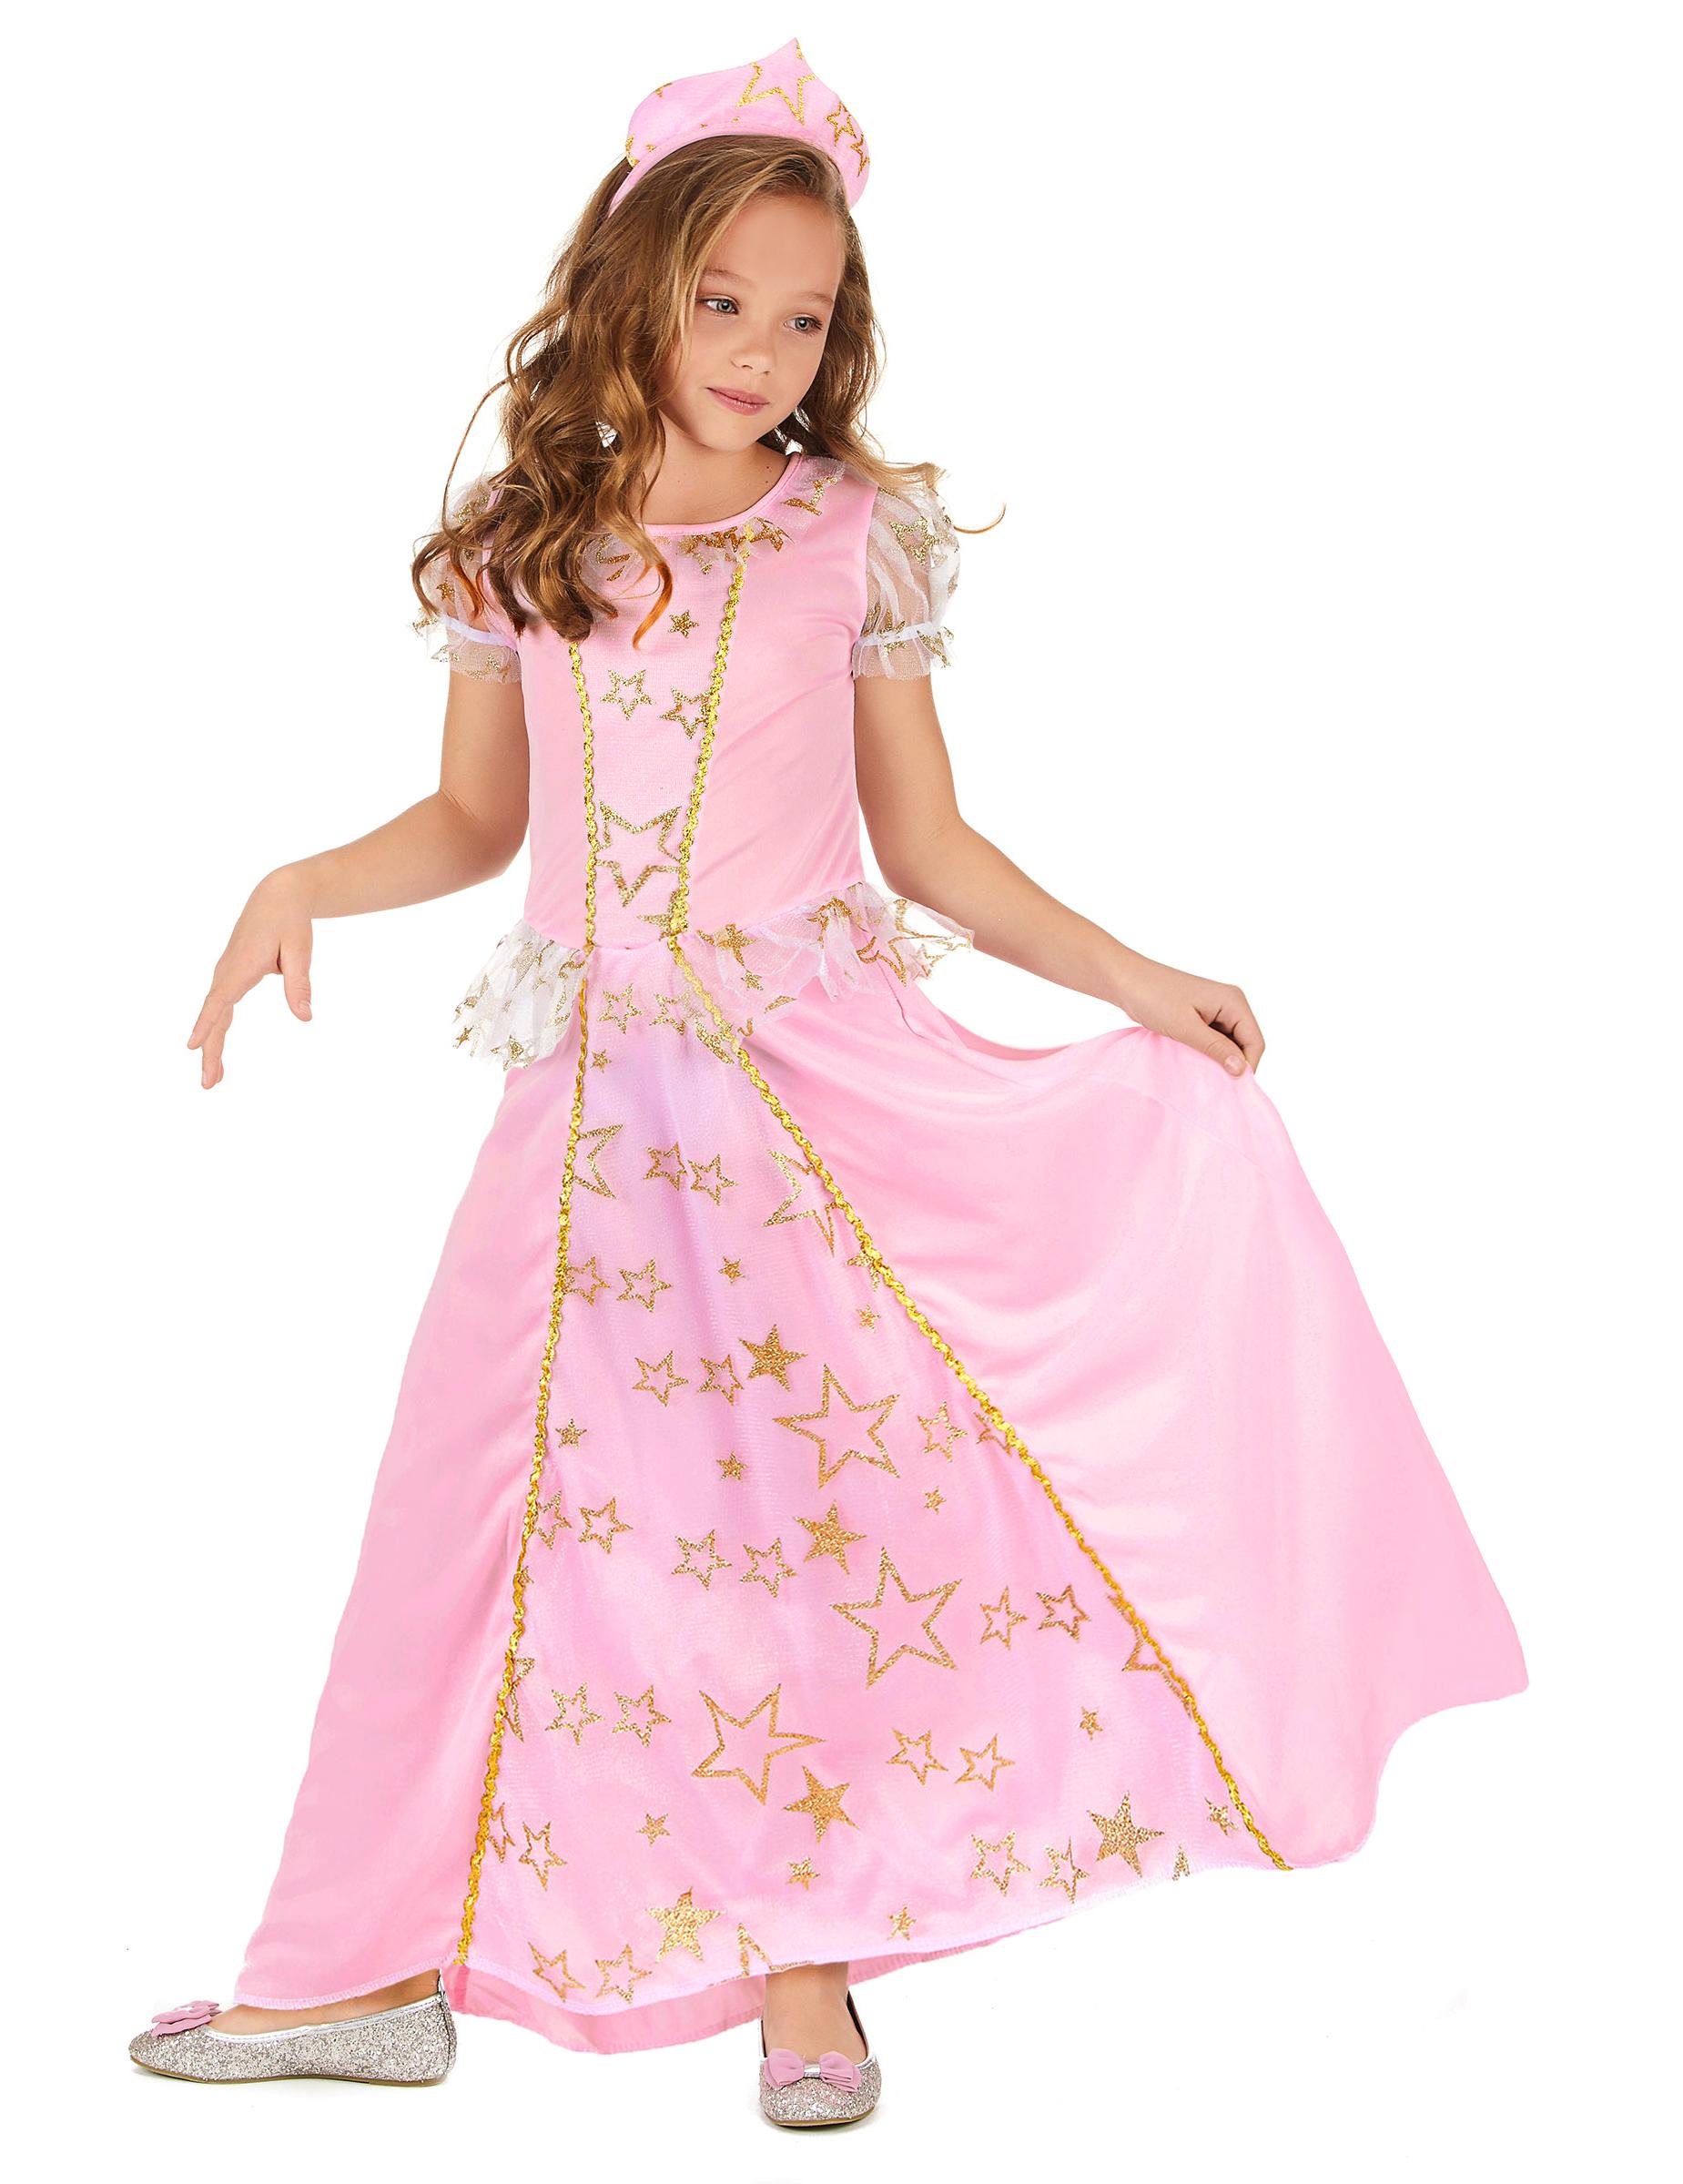 ff6db883fe39c5 Déguisement princesse rose enfant   Deguise-toi, achat de ...